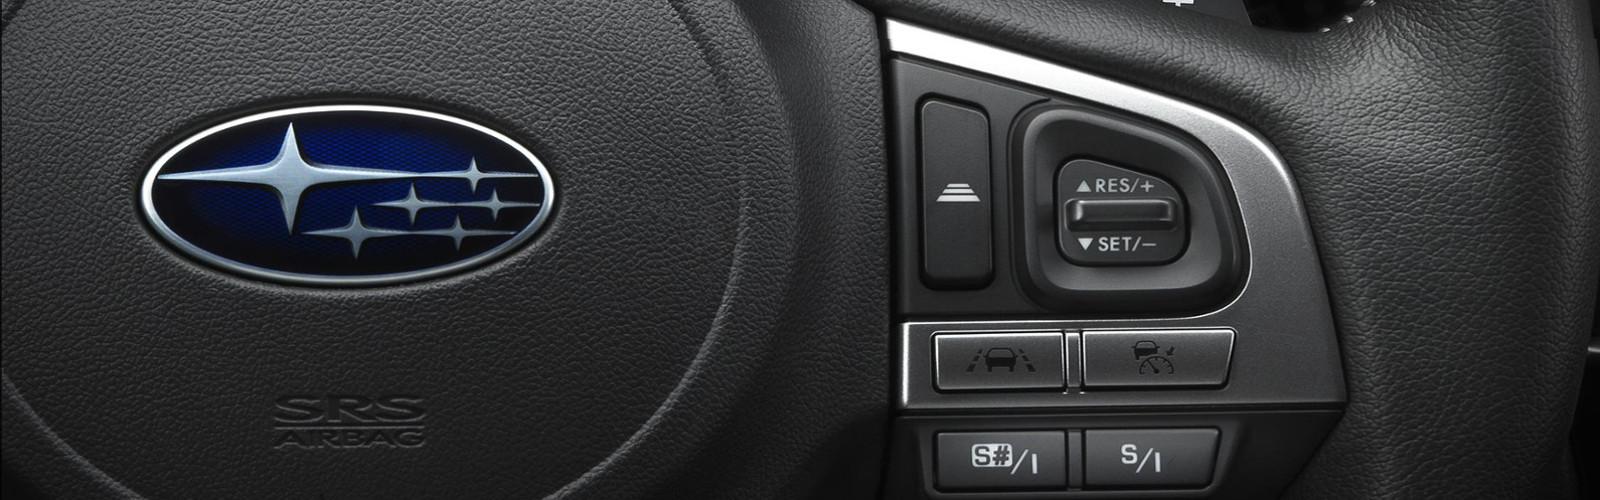 Volante Subaru Forester